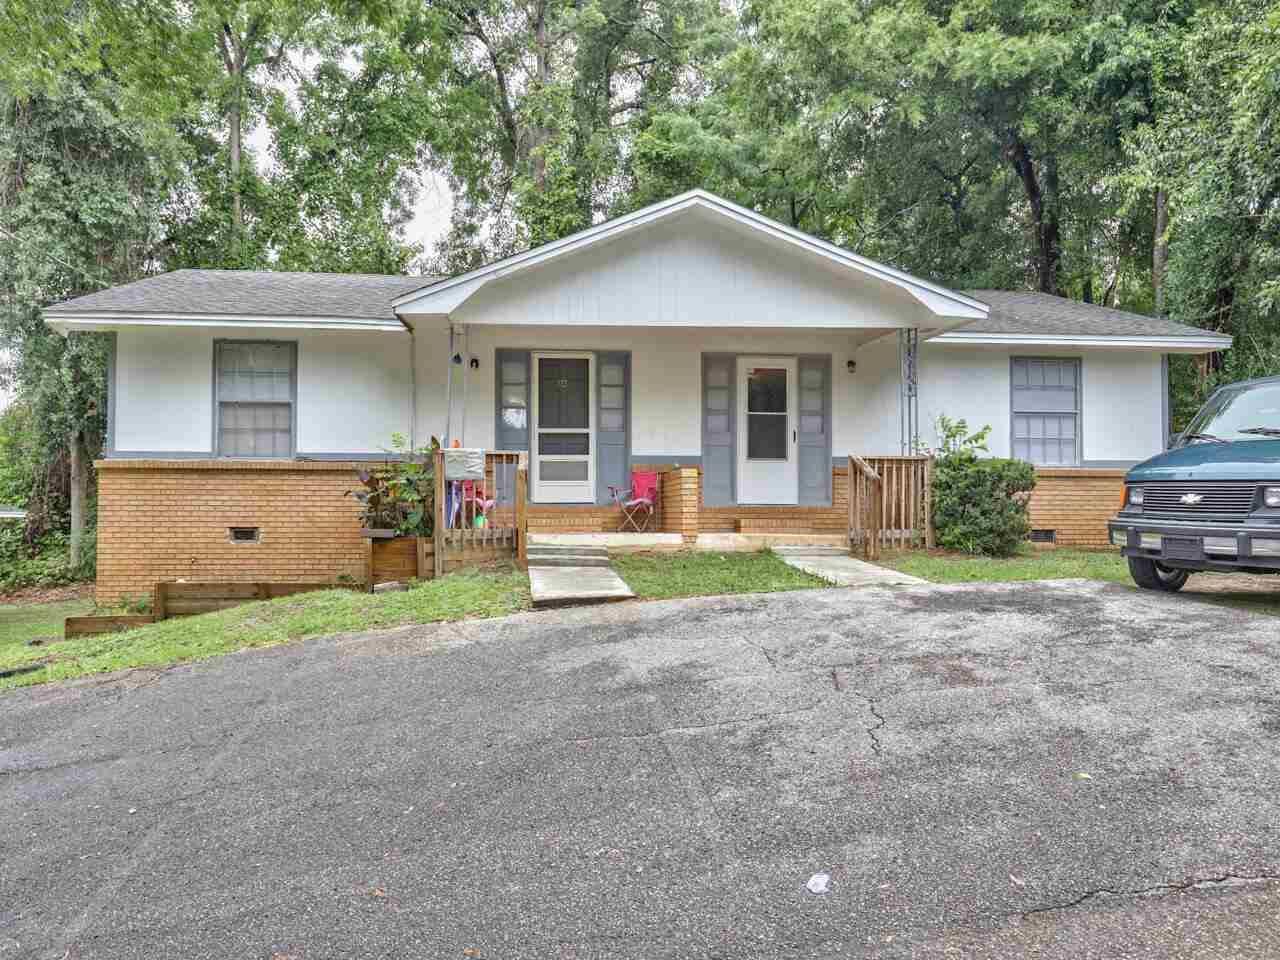 Photo of 3216 Jim Lee Road #0, TALLAHASSEE, FL 32301 (MLS # 331950)